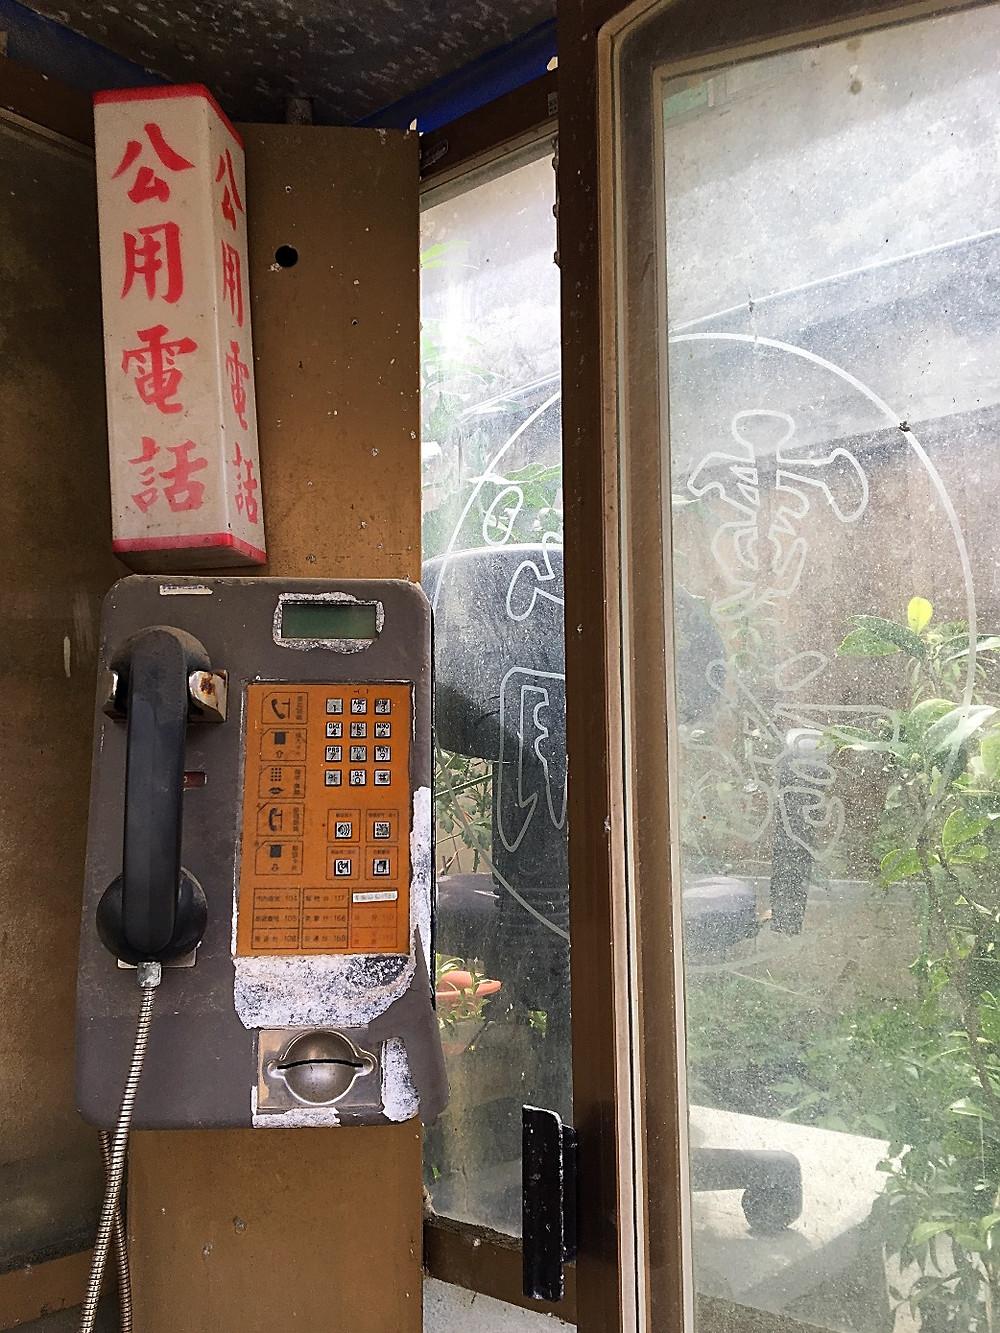 馬祖電信局光卡式公用電話